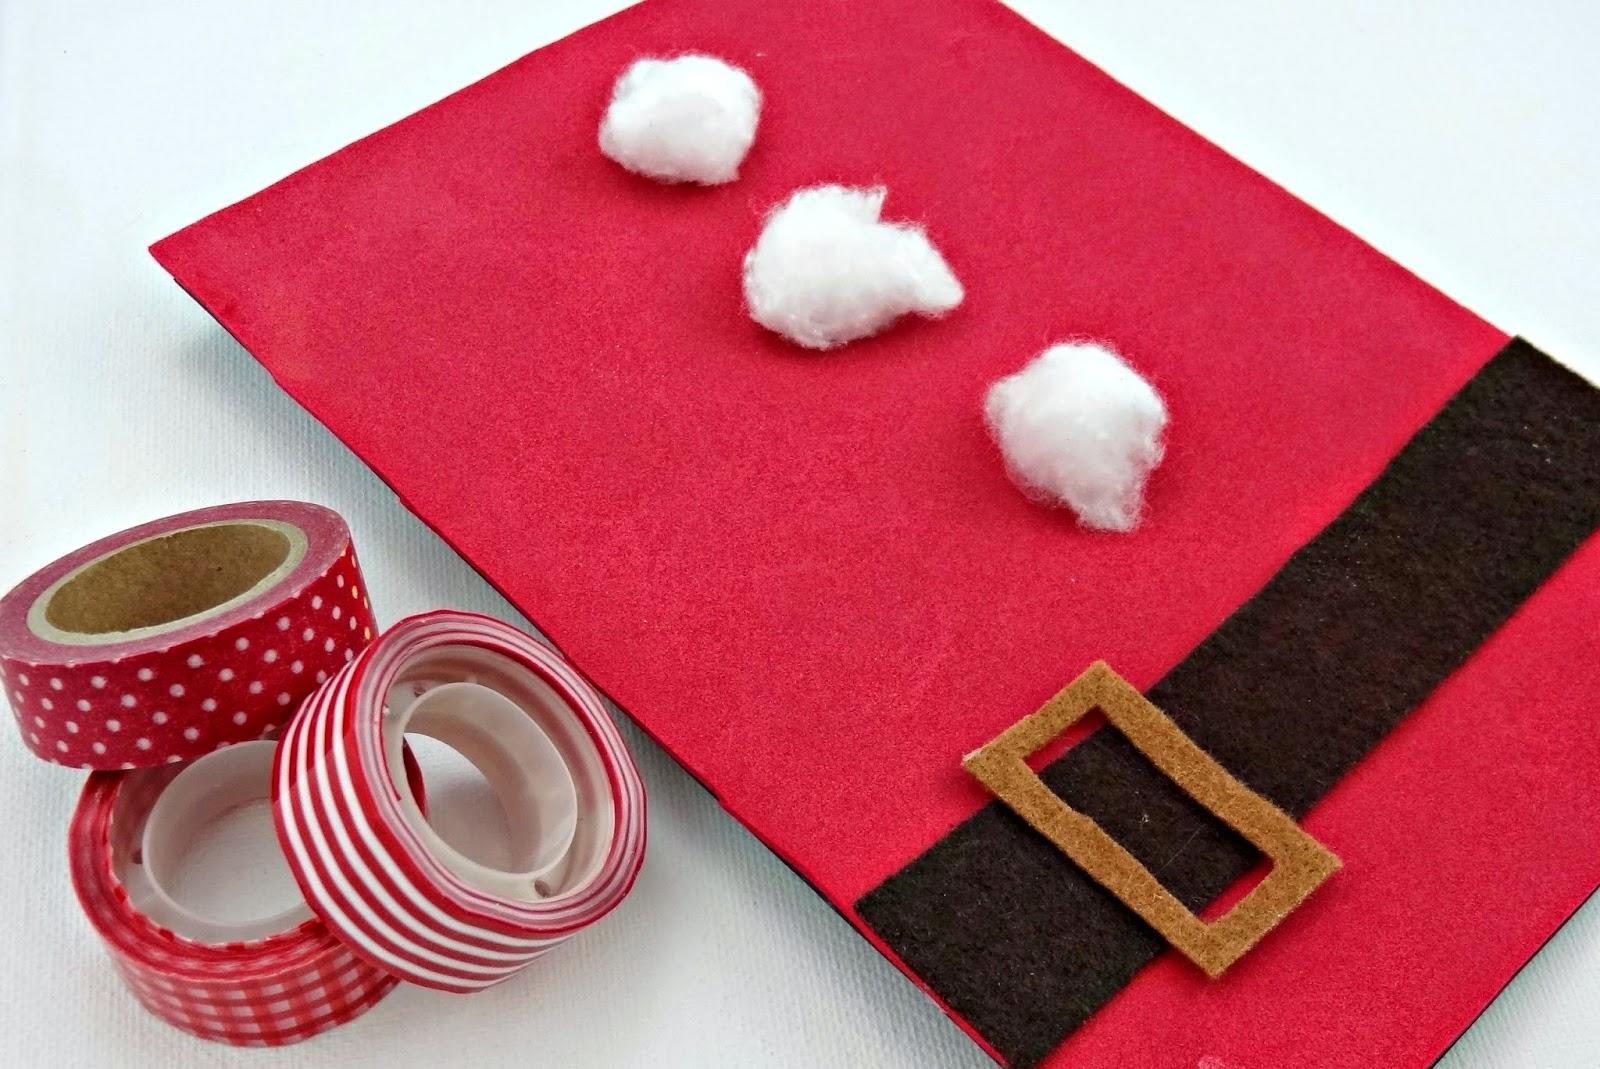 Celebra con ana compartiendo experiencias creativas navidad - Felicitaciones navidenas caseras ...